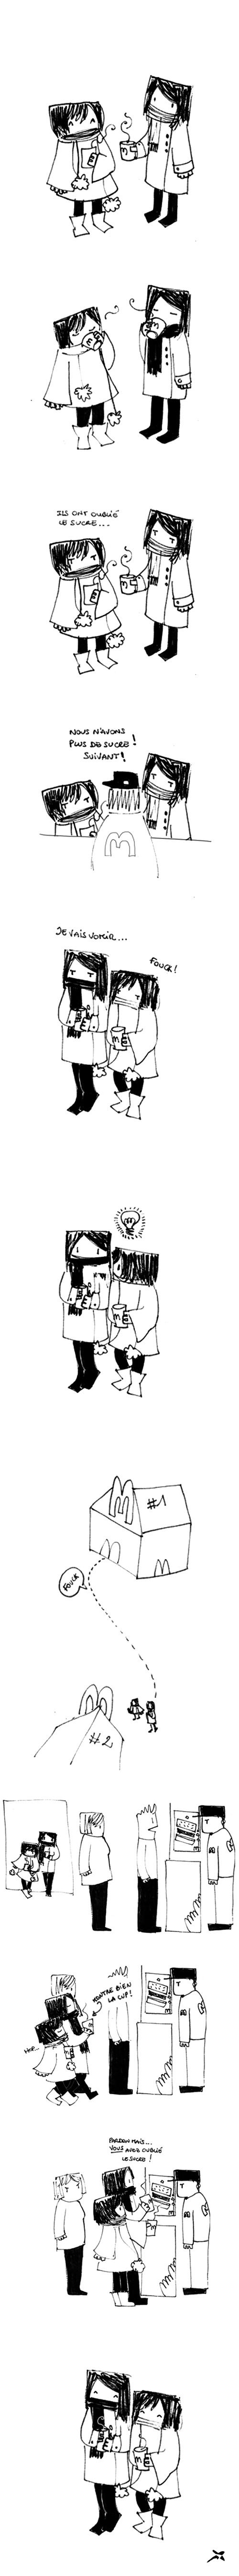 > Imaginarium